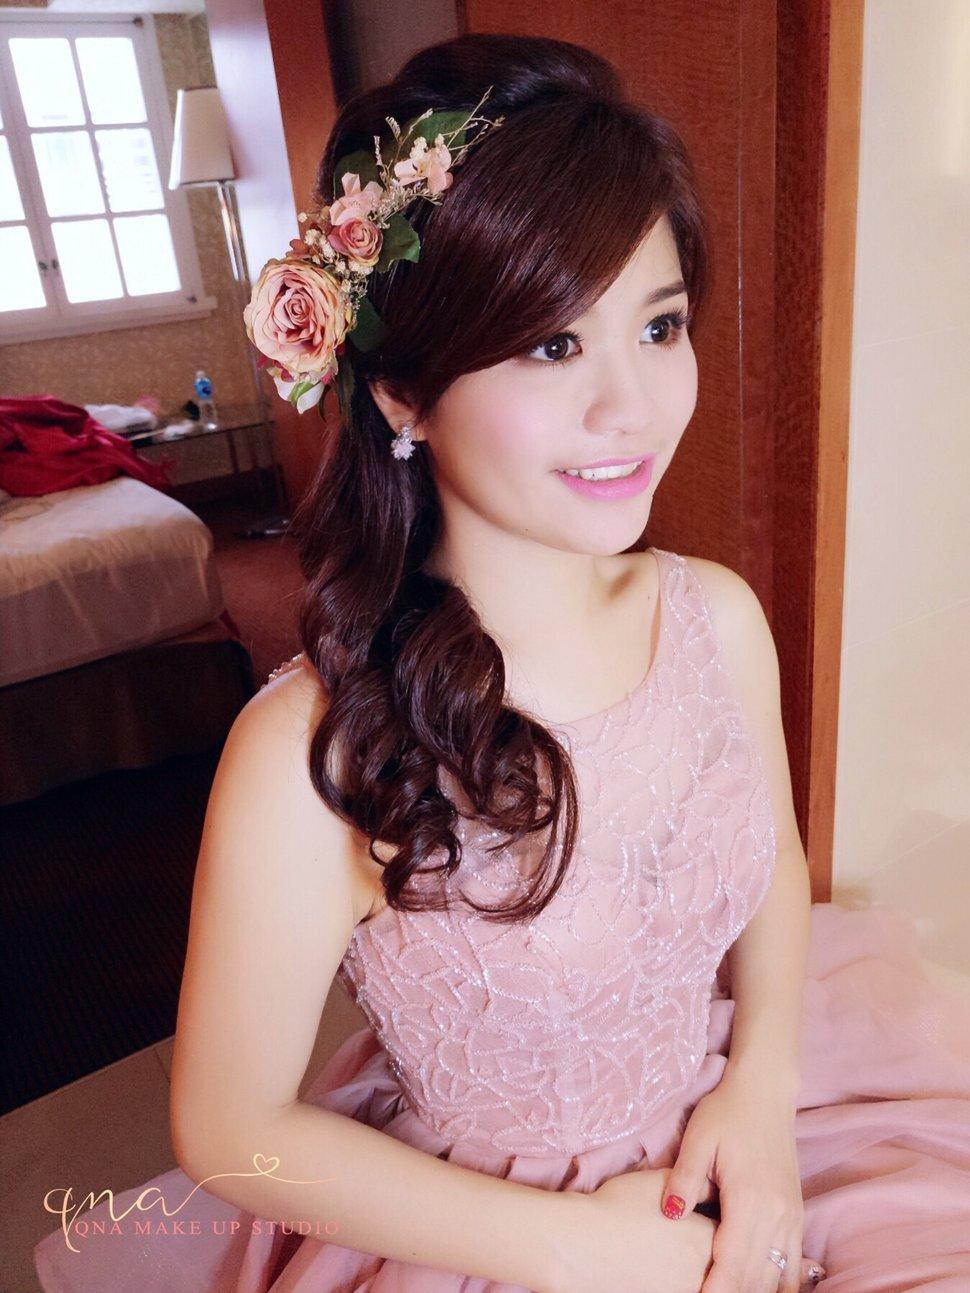 image - 新娘秘書Qna Make up造型工作室《結婚吧》